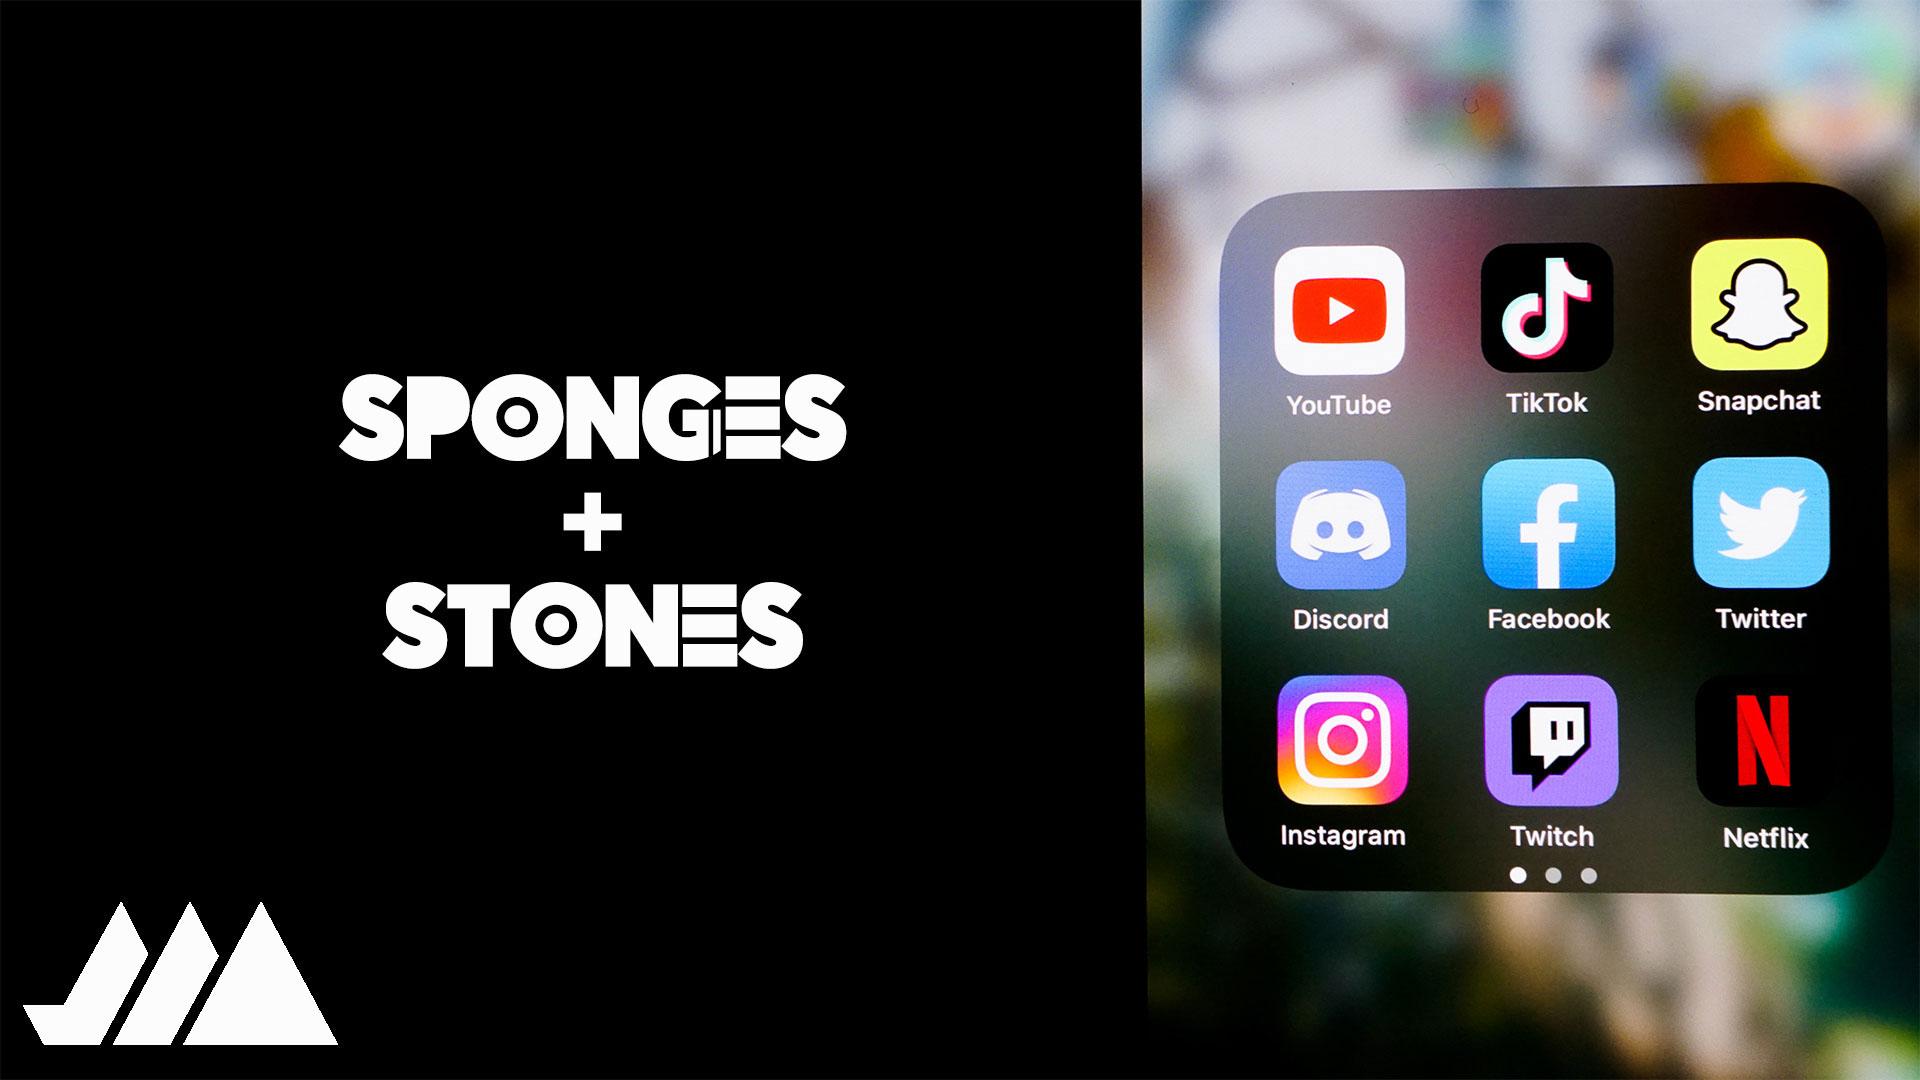 Series: Stones